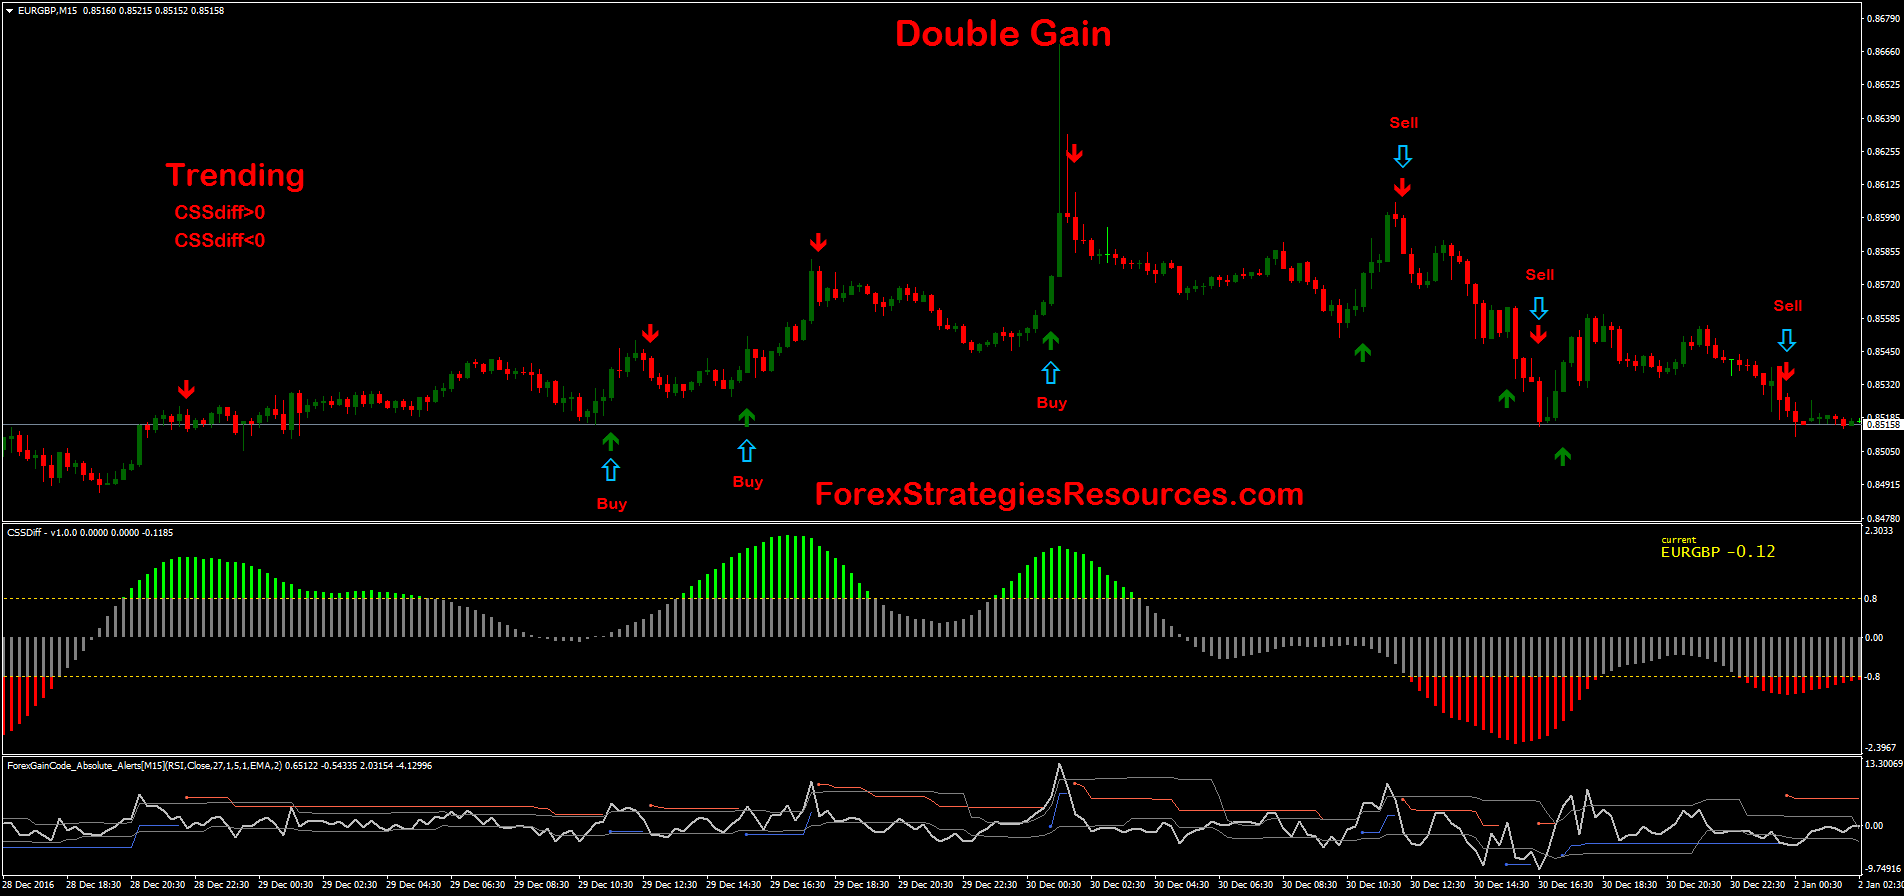 Gain forex signal